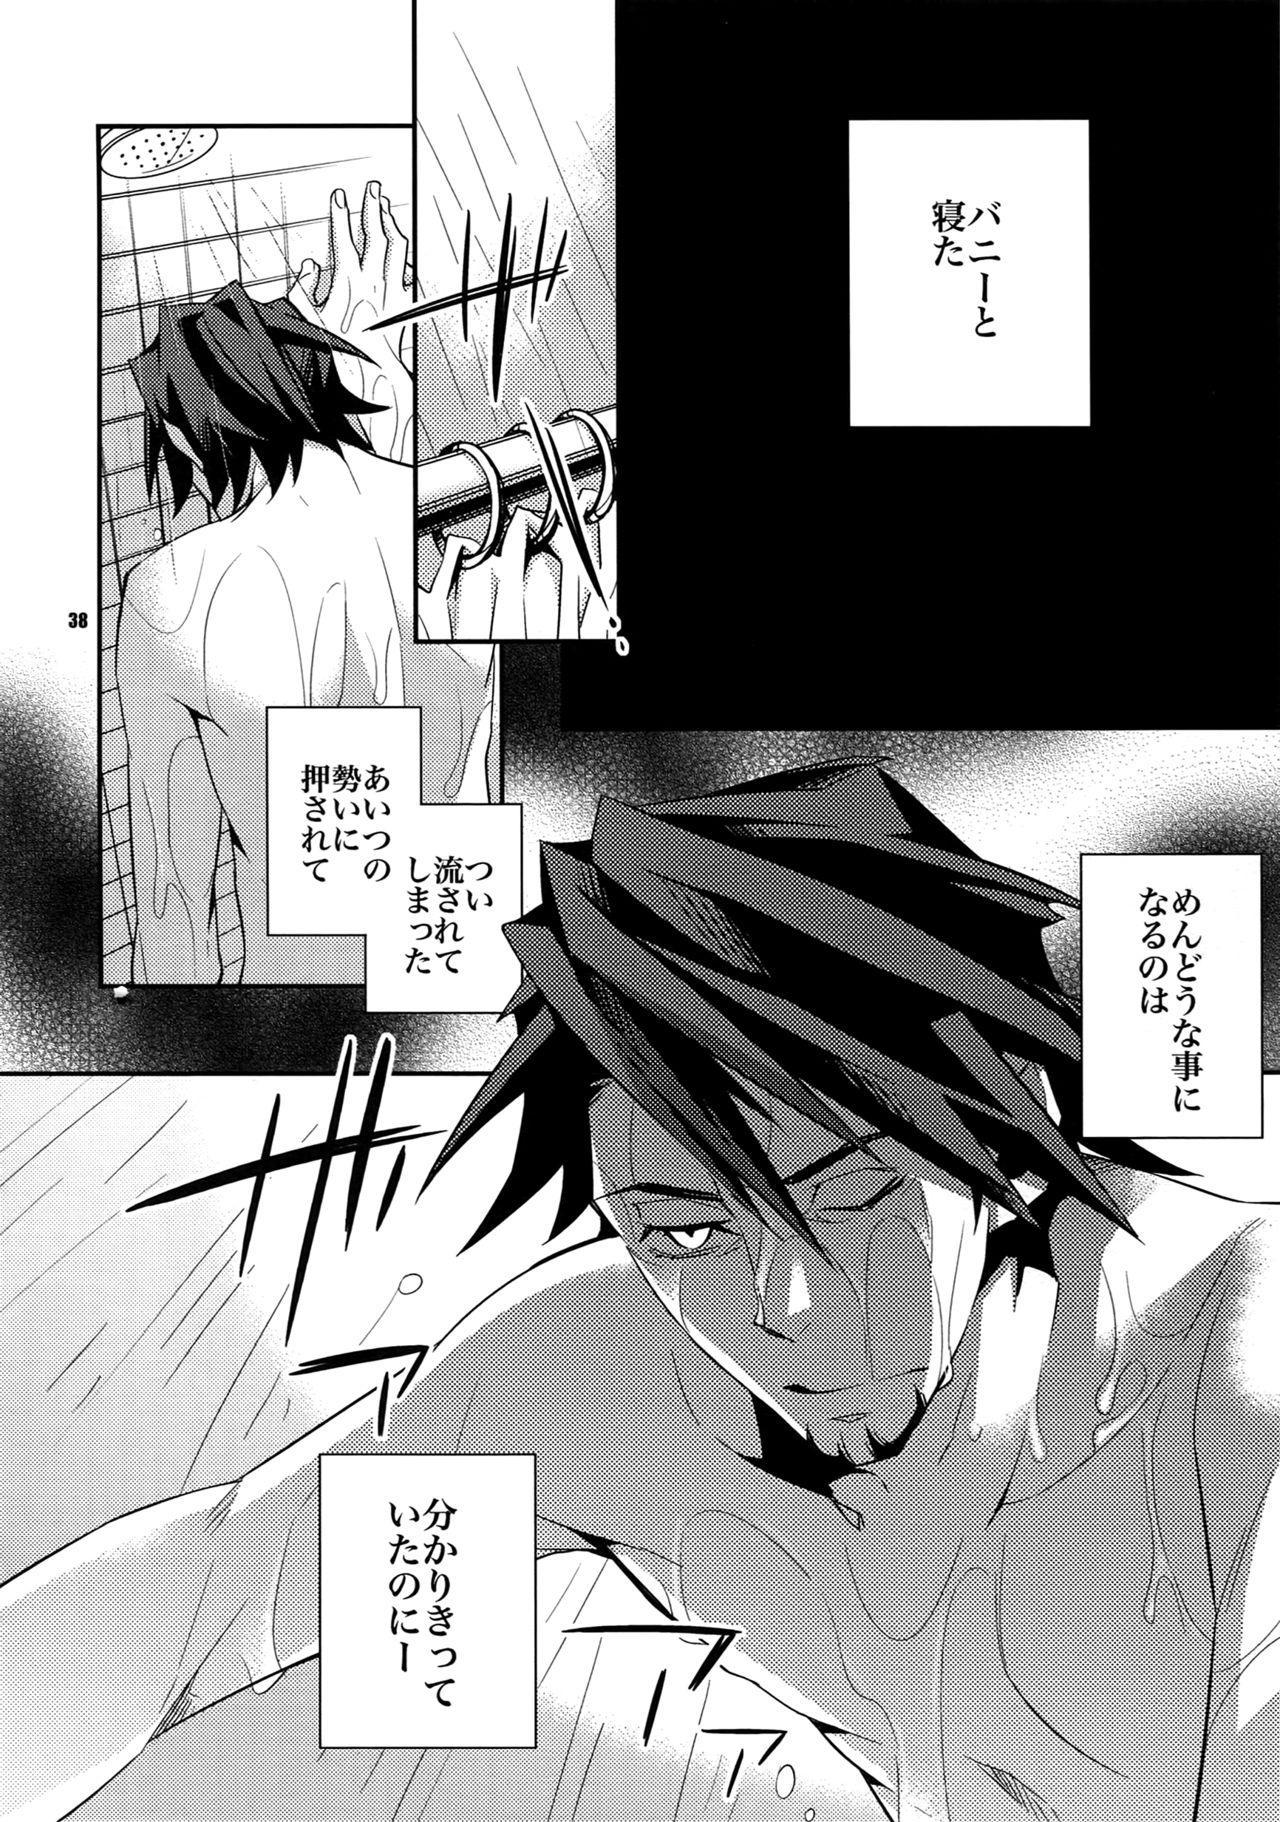 Sairoku 36